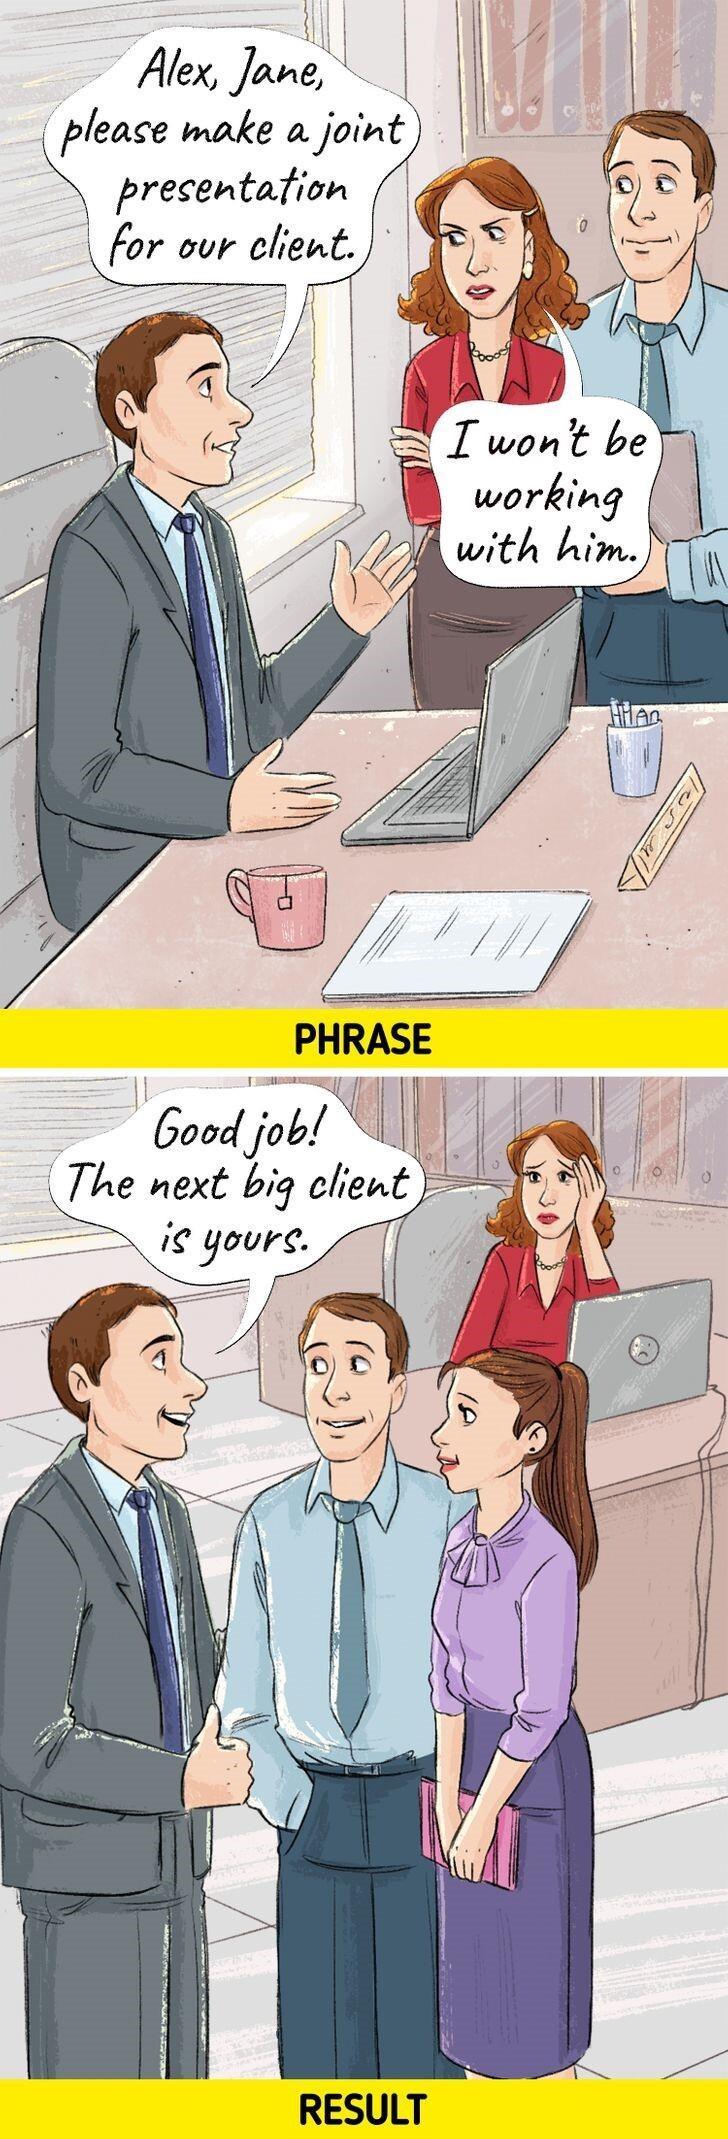 10 câu nói có thể khiến bạn không bao giờ được thăng chức  - 1